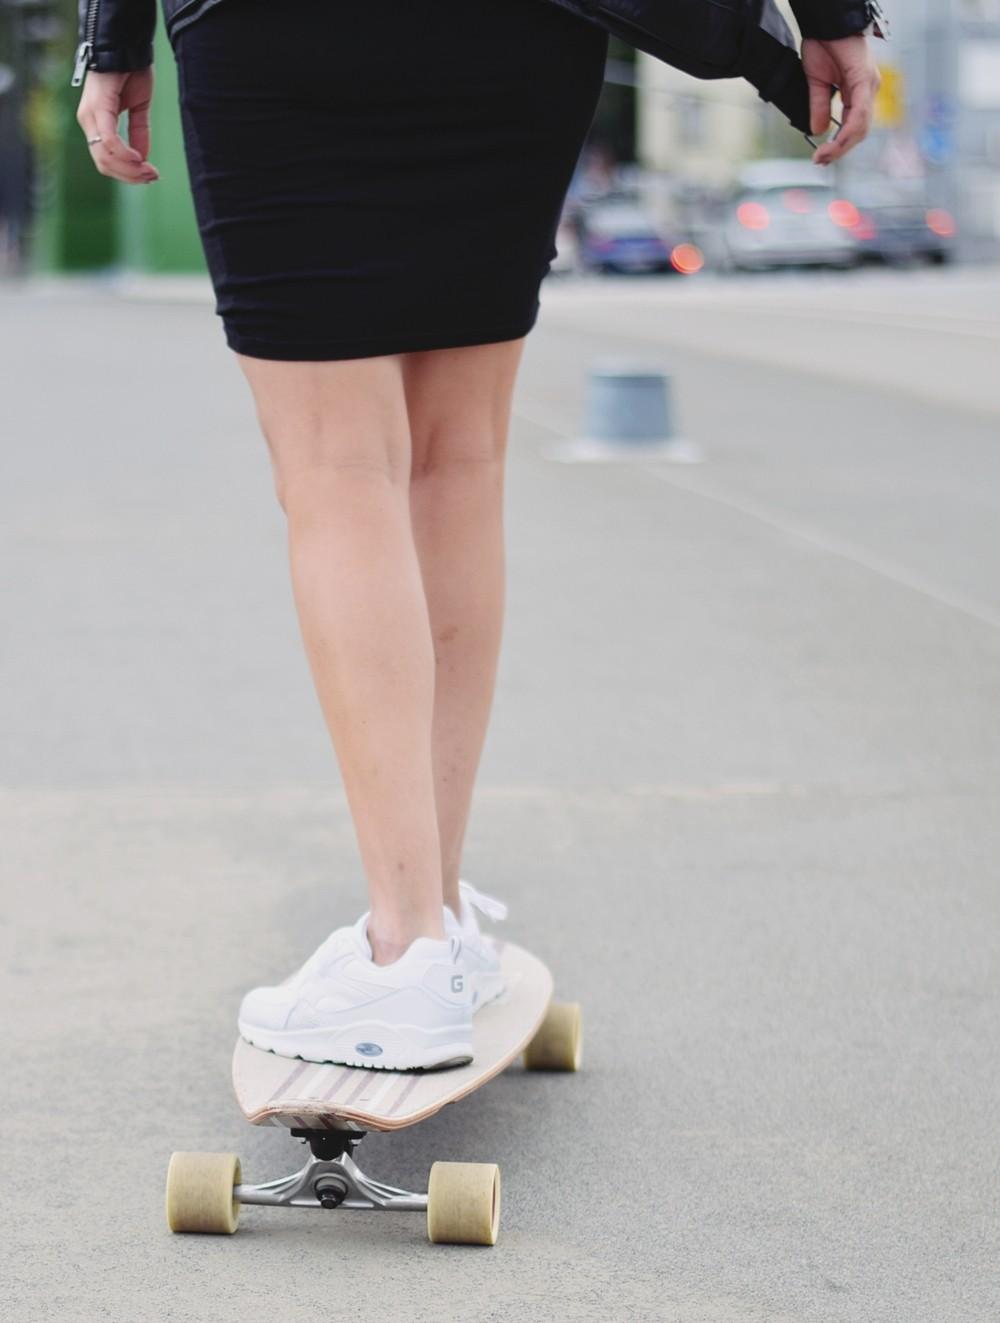 Longboard sneaker